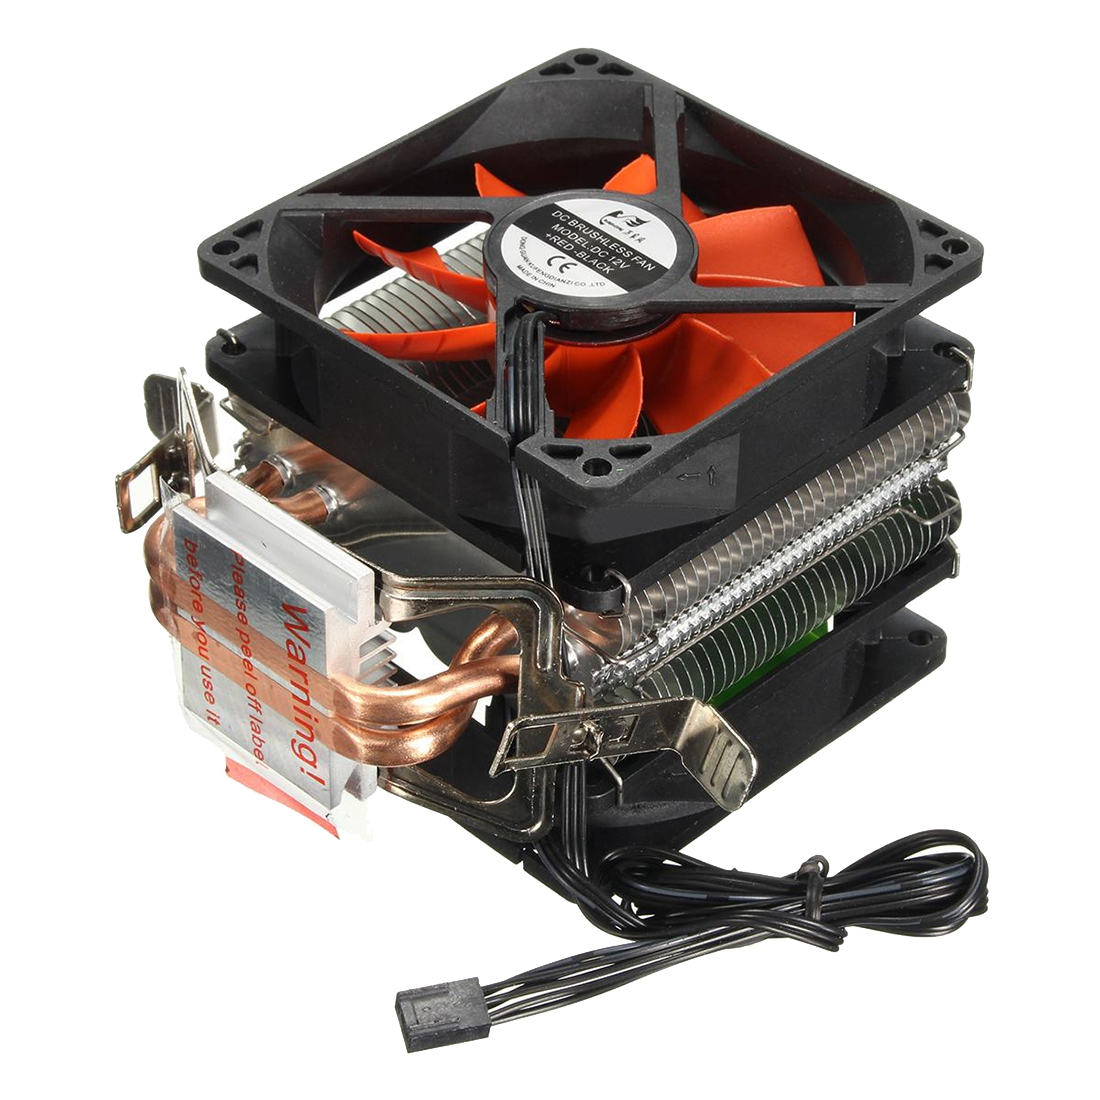 GTFS-CPU cooler Silent Fan For Intel LGA775/1156/1155 (For AMD AM2/AM2+/AM3)